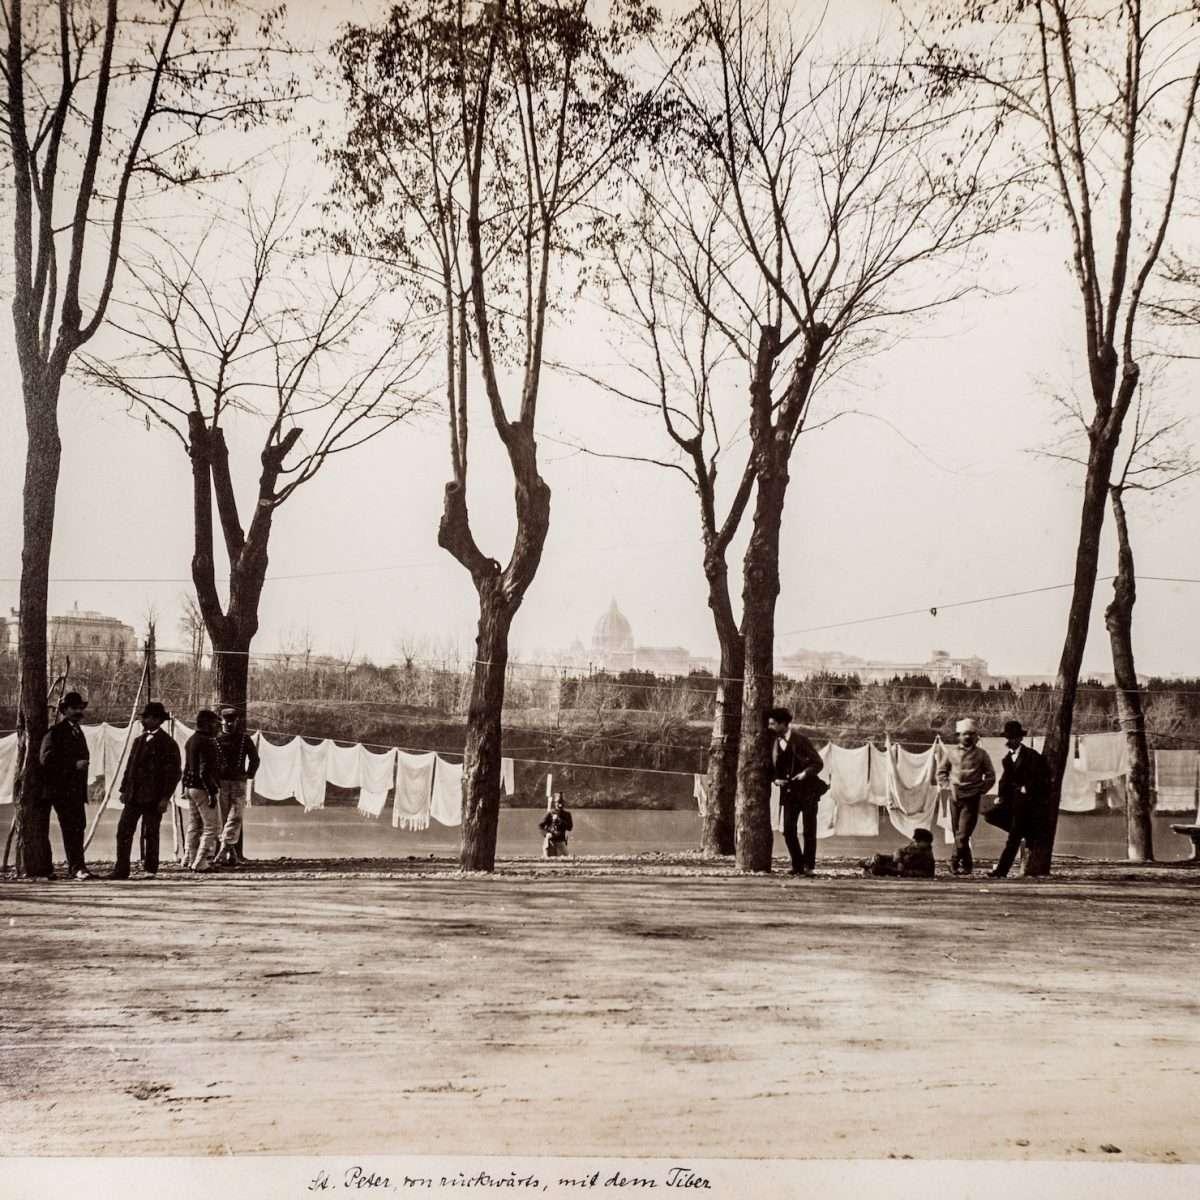 L-1090131 - Passeggiata di Ripetta - 1865